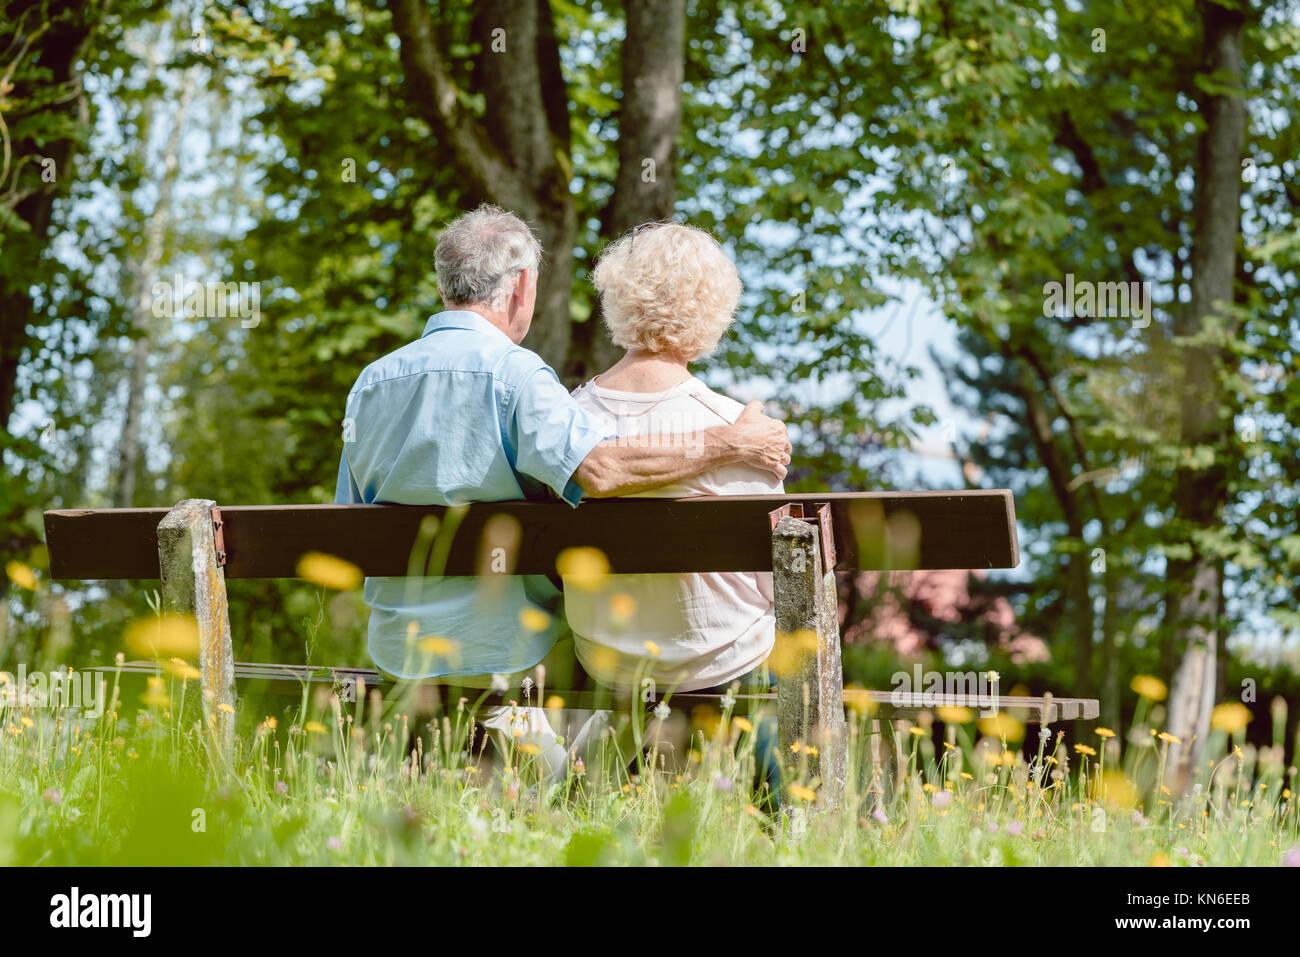 Romántica pareja de ancianos sentados juntos en un banco en una tranqui Imagen De Stock